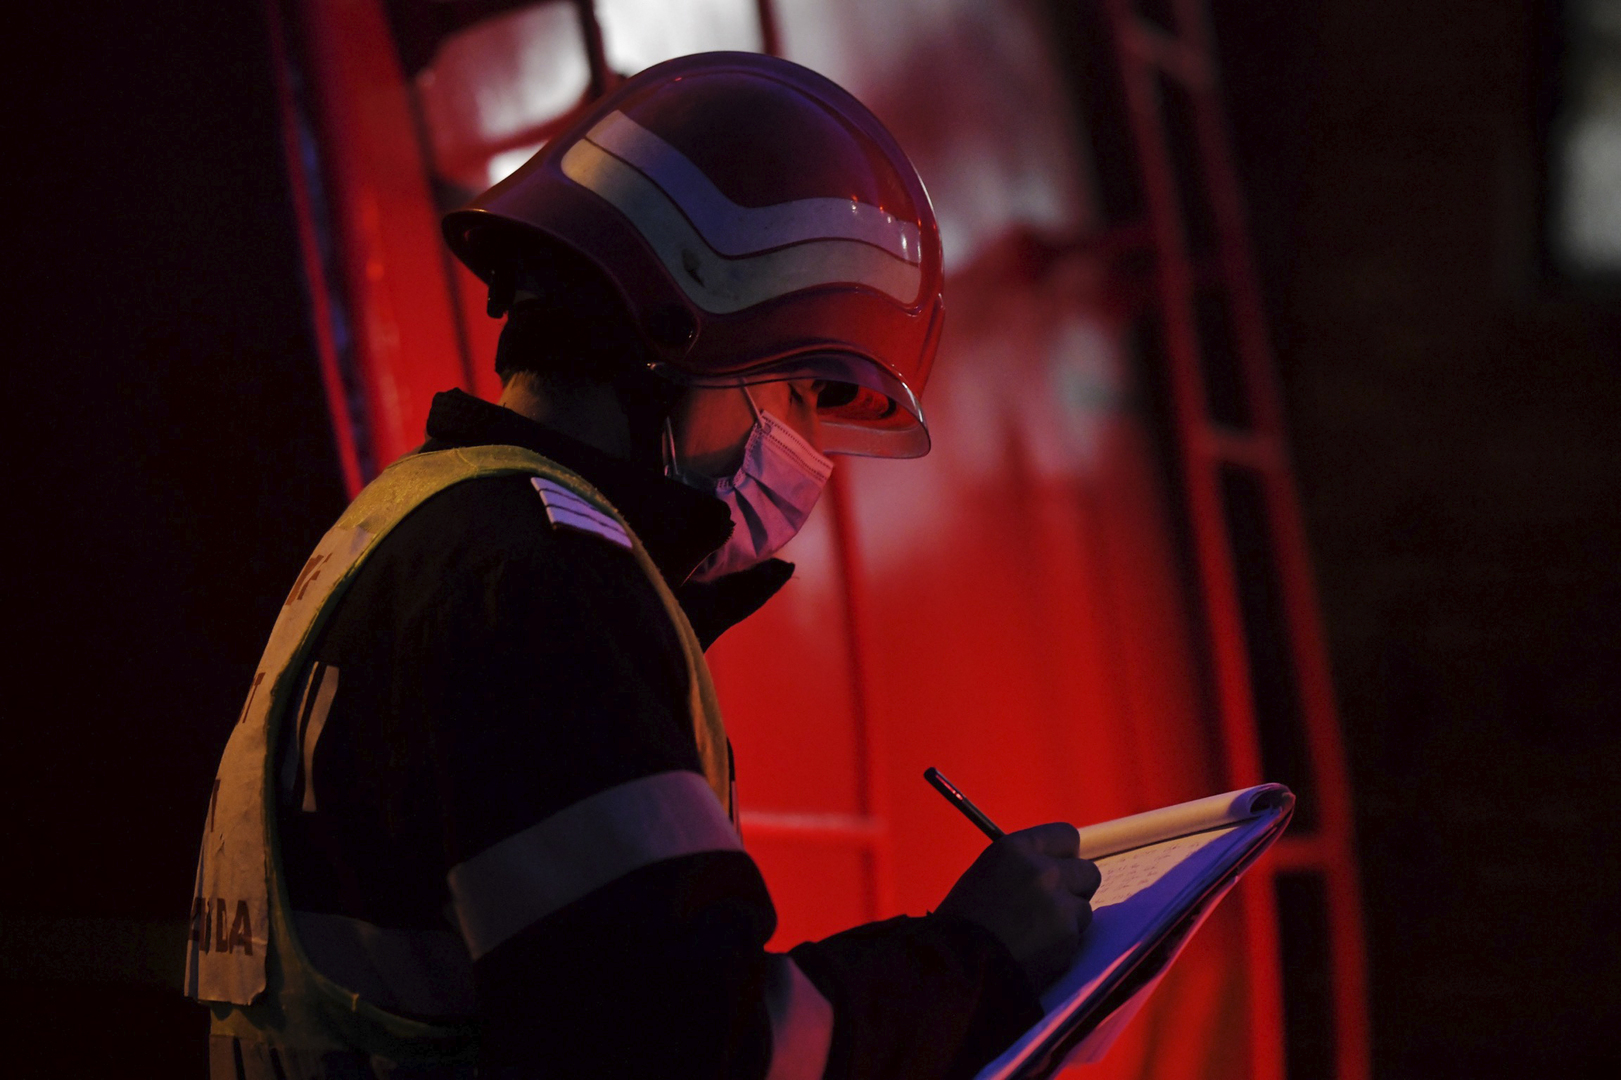 9 قتلى جراء حريق في مستشفى بجنوب شرق رومانيا